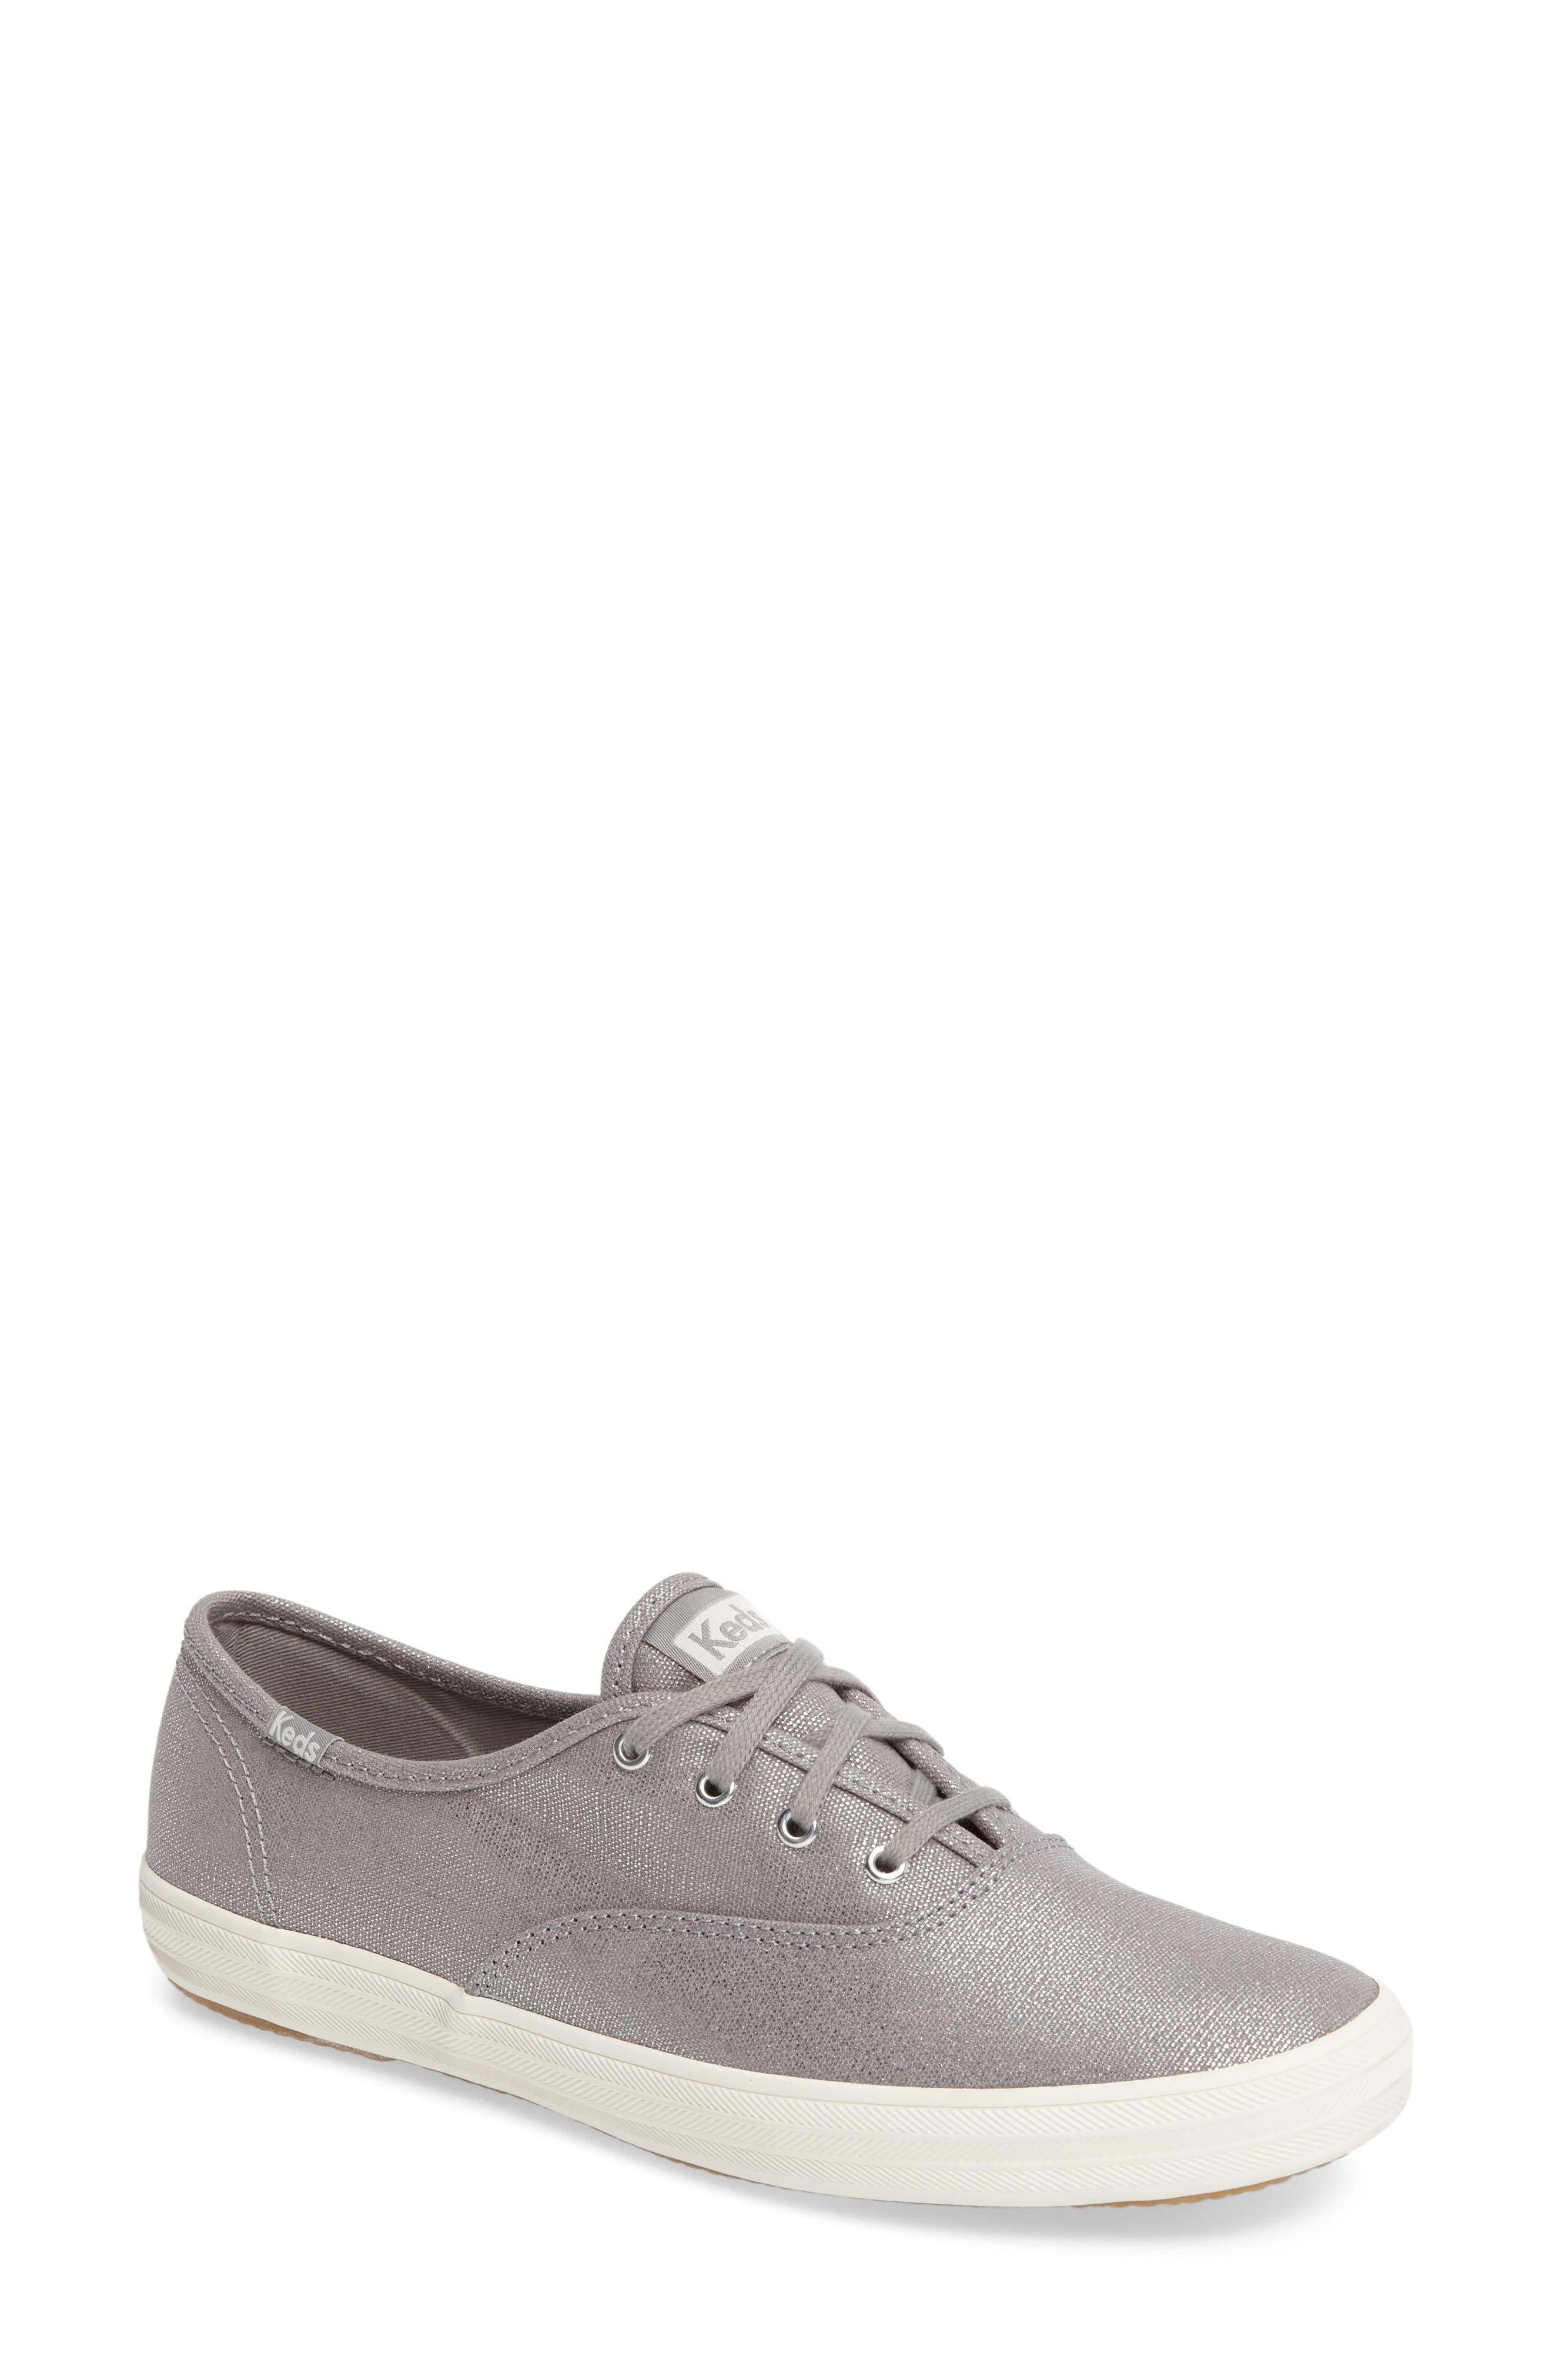 Champion Sneaker,                         Main,                         color, 040